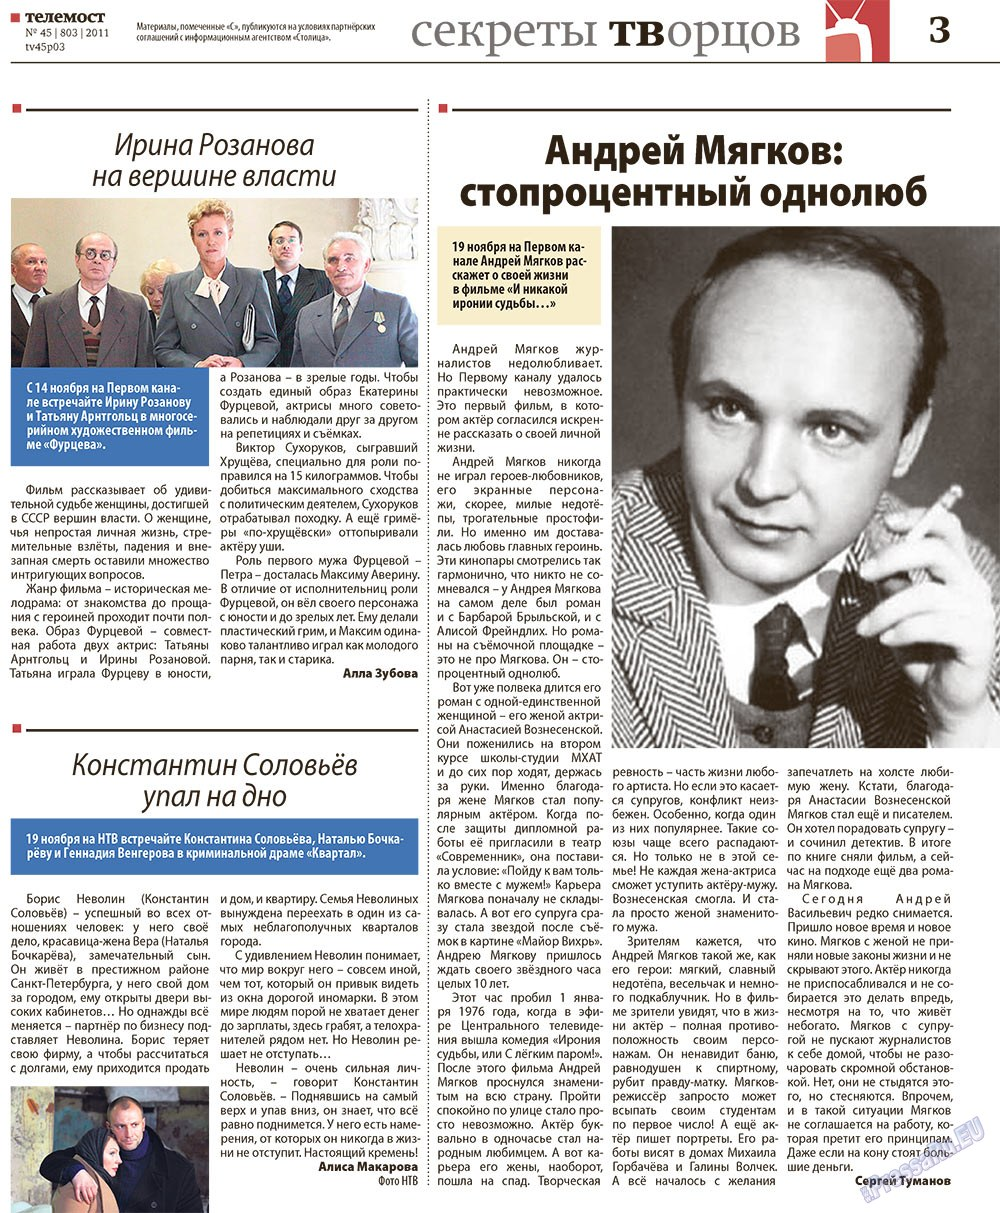 Андрей Мягков : биография, личная жизнь, семья, жена, дети. - GlobalSib 83